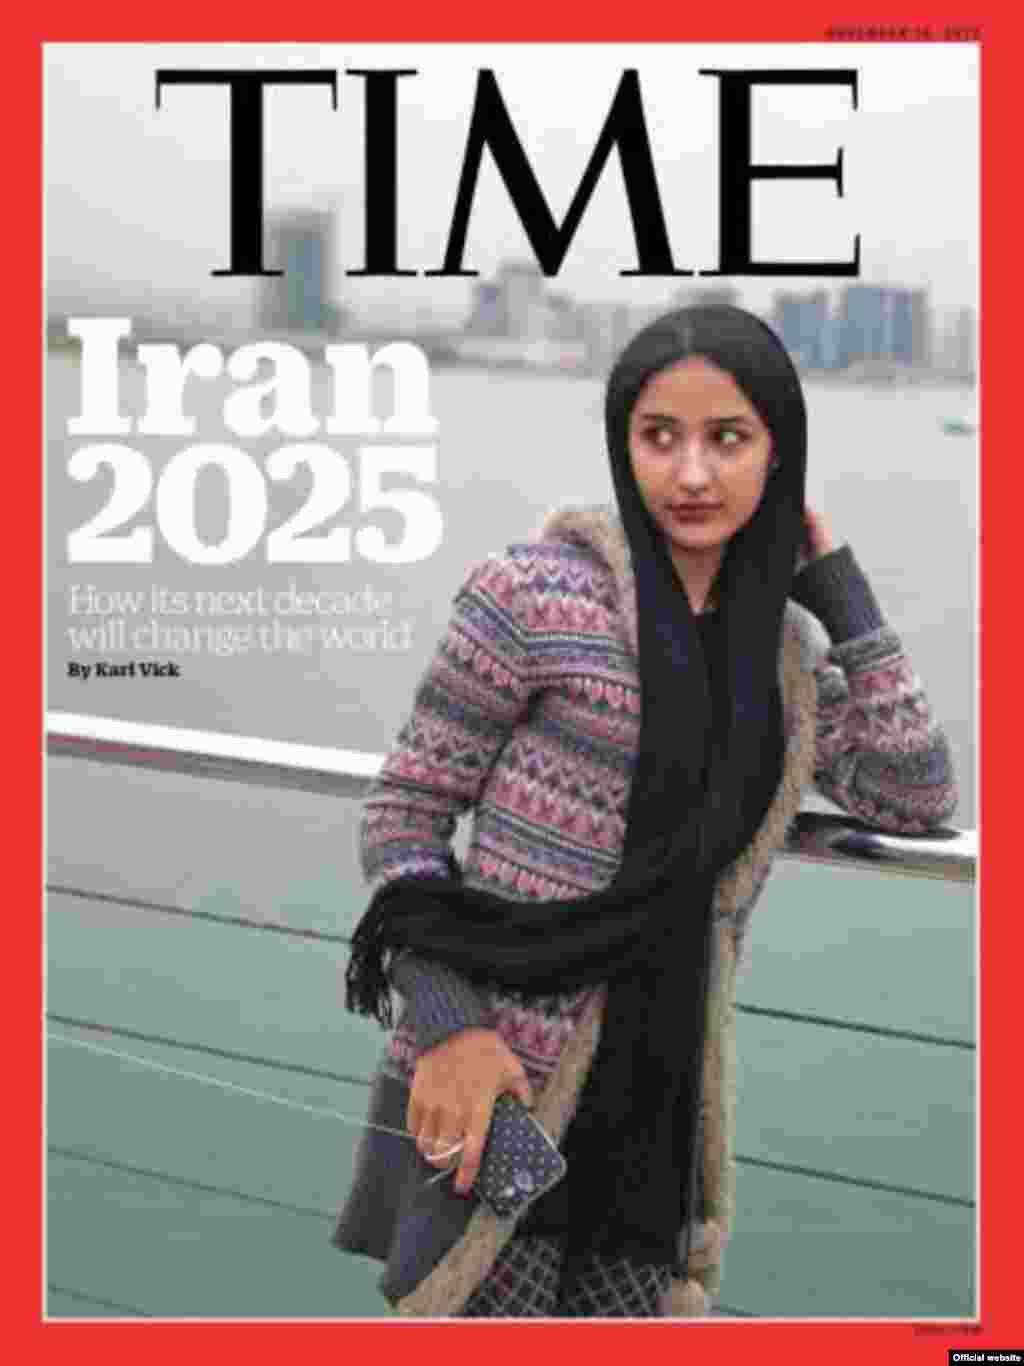 انتخاب عکس یک زن جوان ایرانی روی مجله تایم از وقایع مهم سال ۲۰۱۵ بود. نویسنده تایم نوشته بود بعد از توافق هسته ای، ایران اگر در مسیر بهبود قرار بگیرد، ایران ۲۰۲۵ می تواند یک قدرت جهانی باشد.